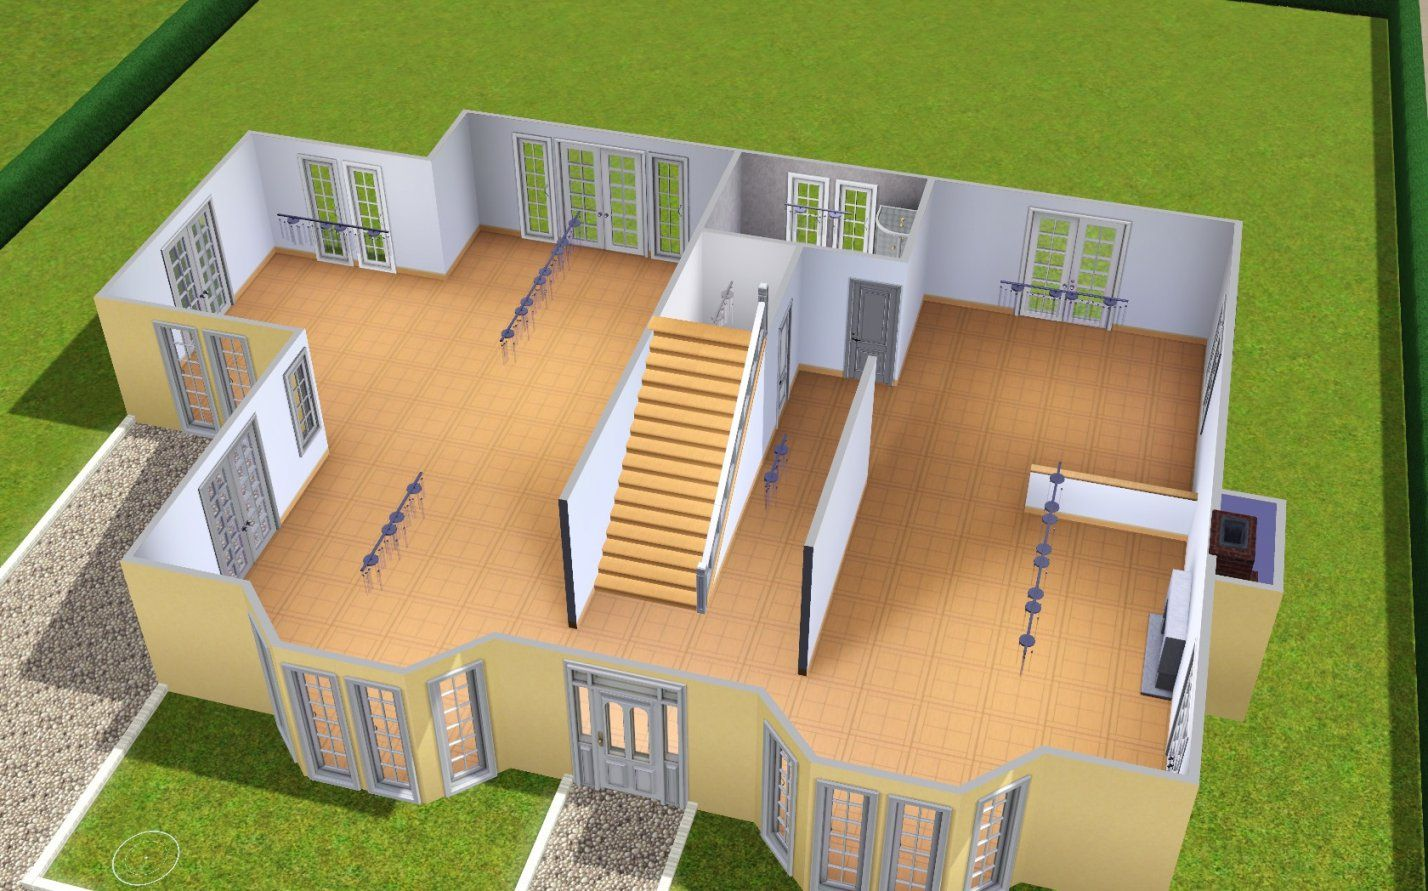 sims 4 haus bauen 2 modern luxury home download youtube von sims 4 h user bauen ideen bild. Black Bedroom Furniture Sets. Home Design Ideas